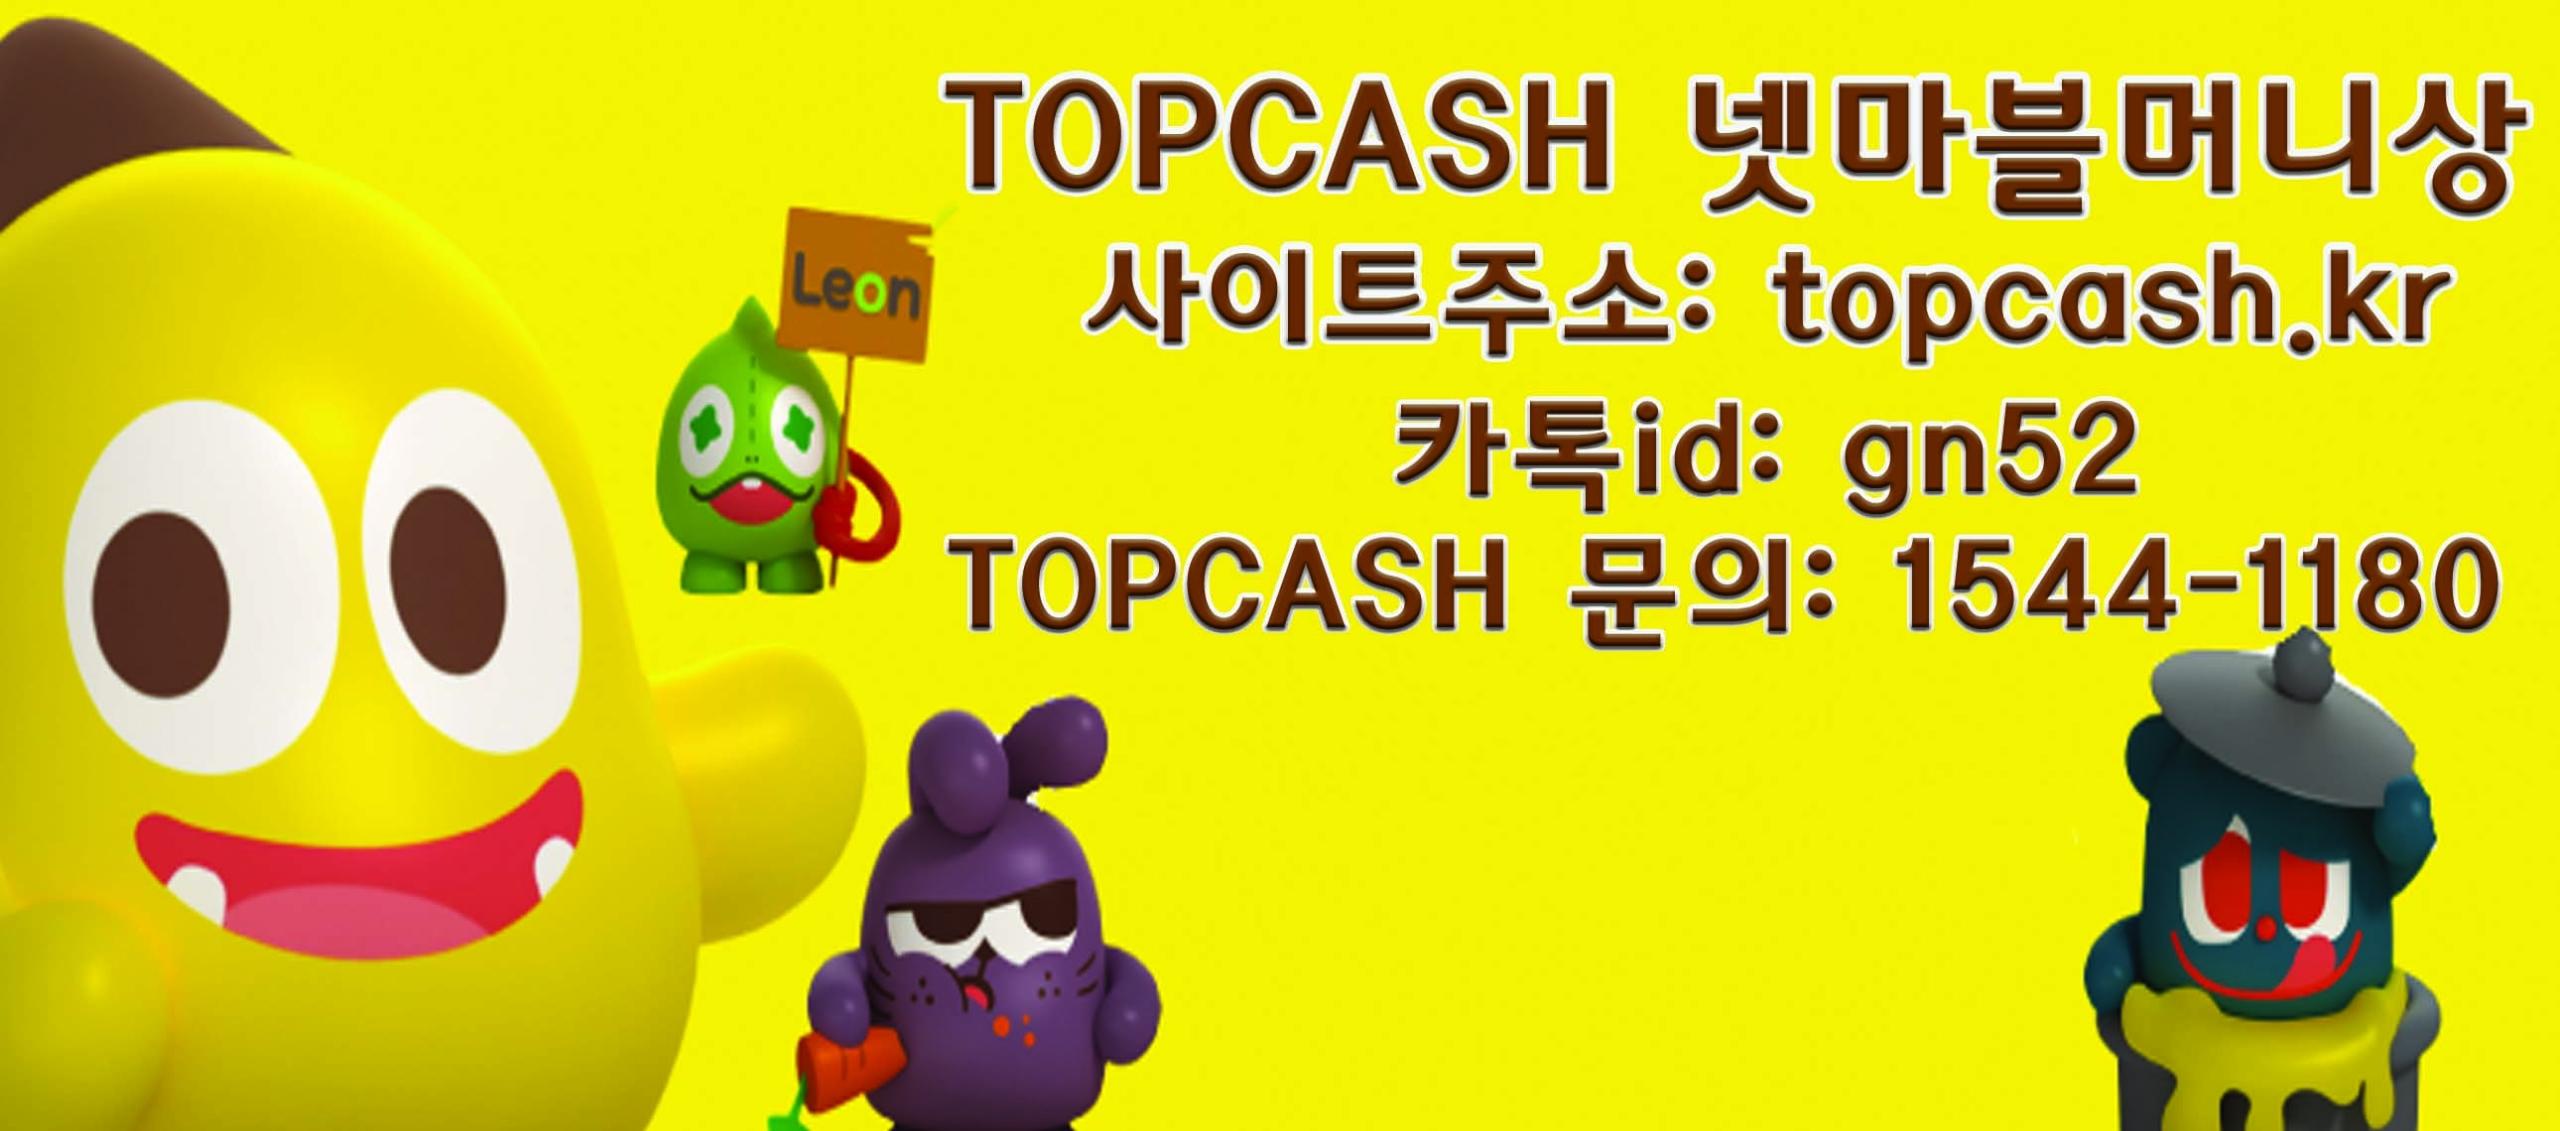 넷마블시세 TOPcash점KR (@sptakqmf16) Cover Image